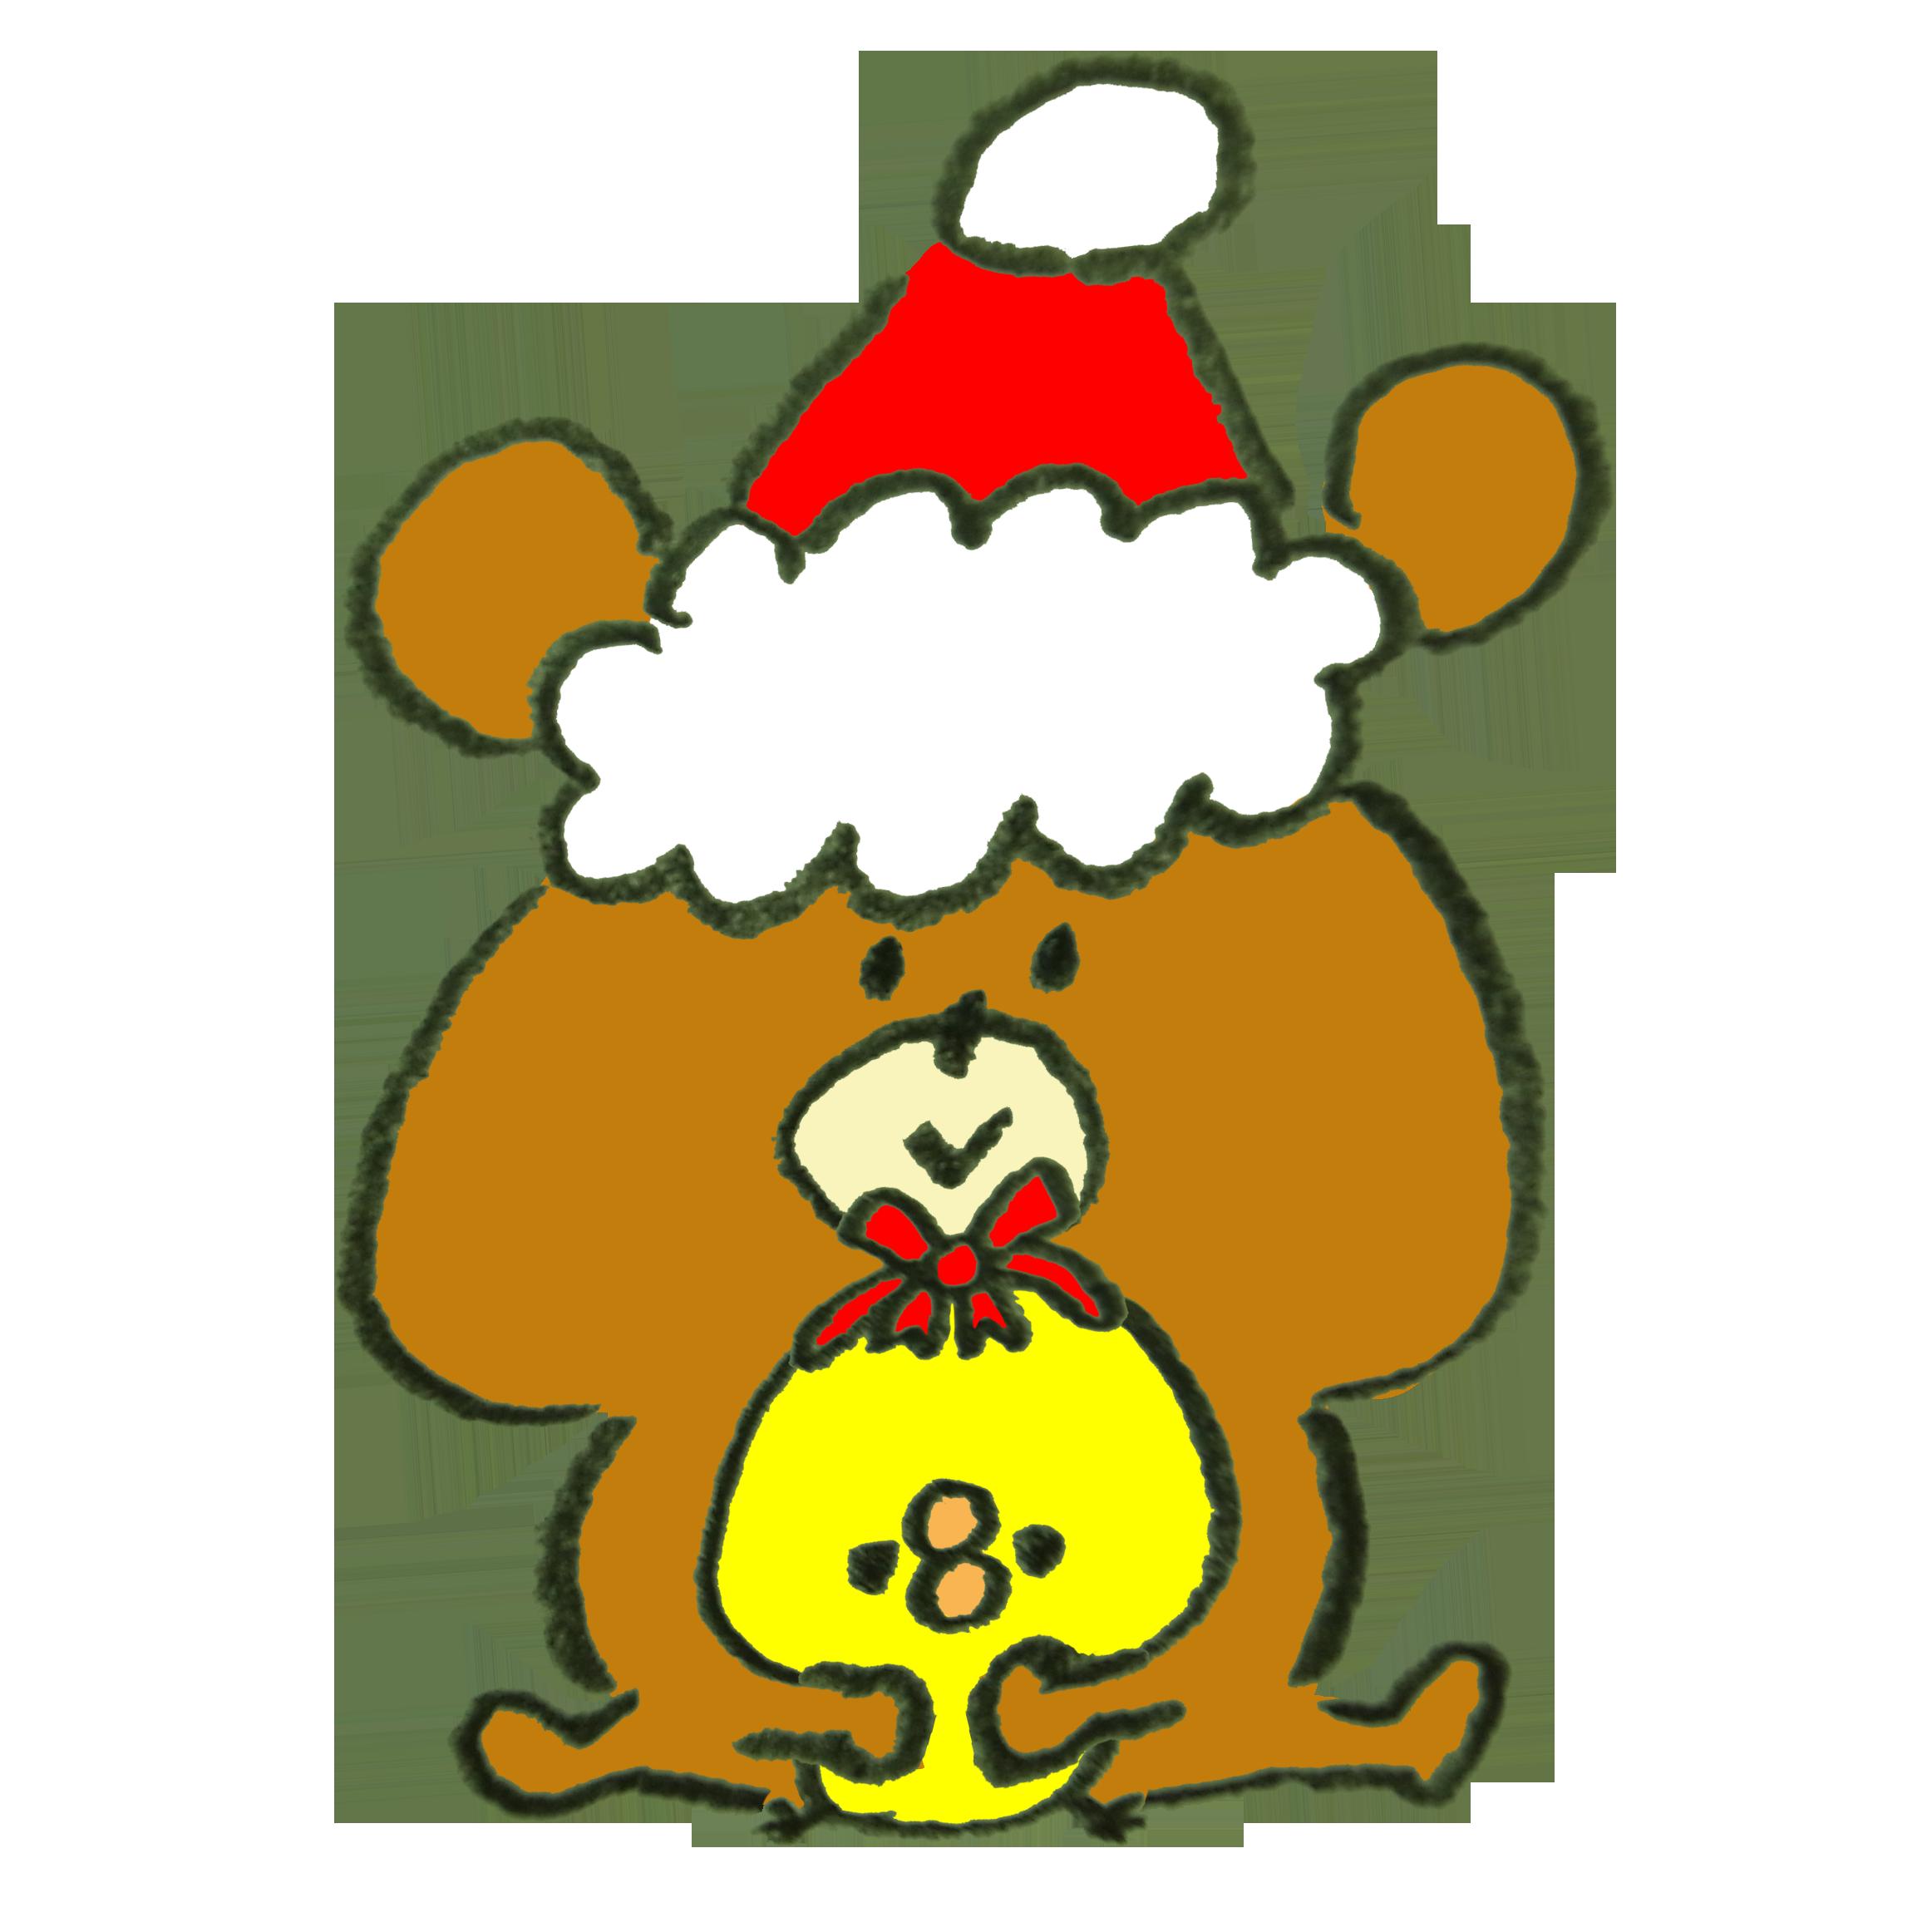 クリスマスプレゼントにひよこをセレクションした熊